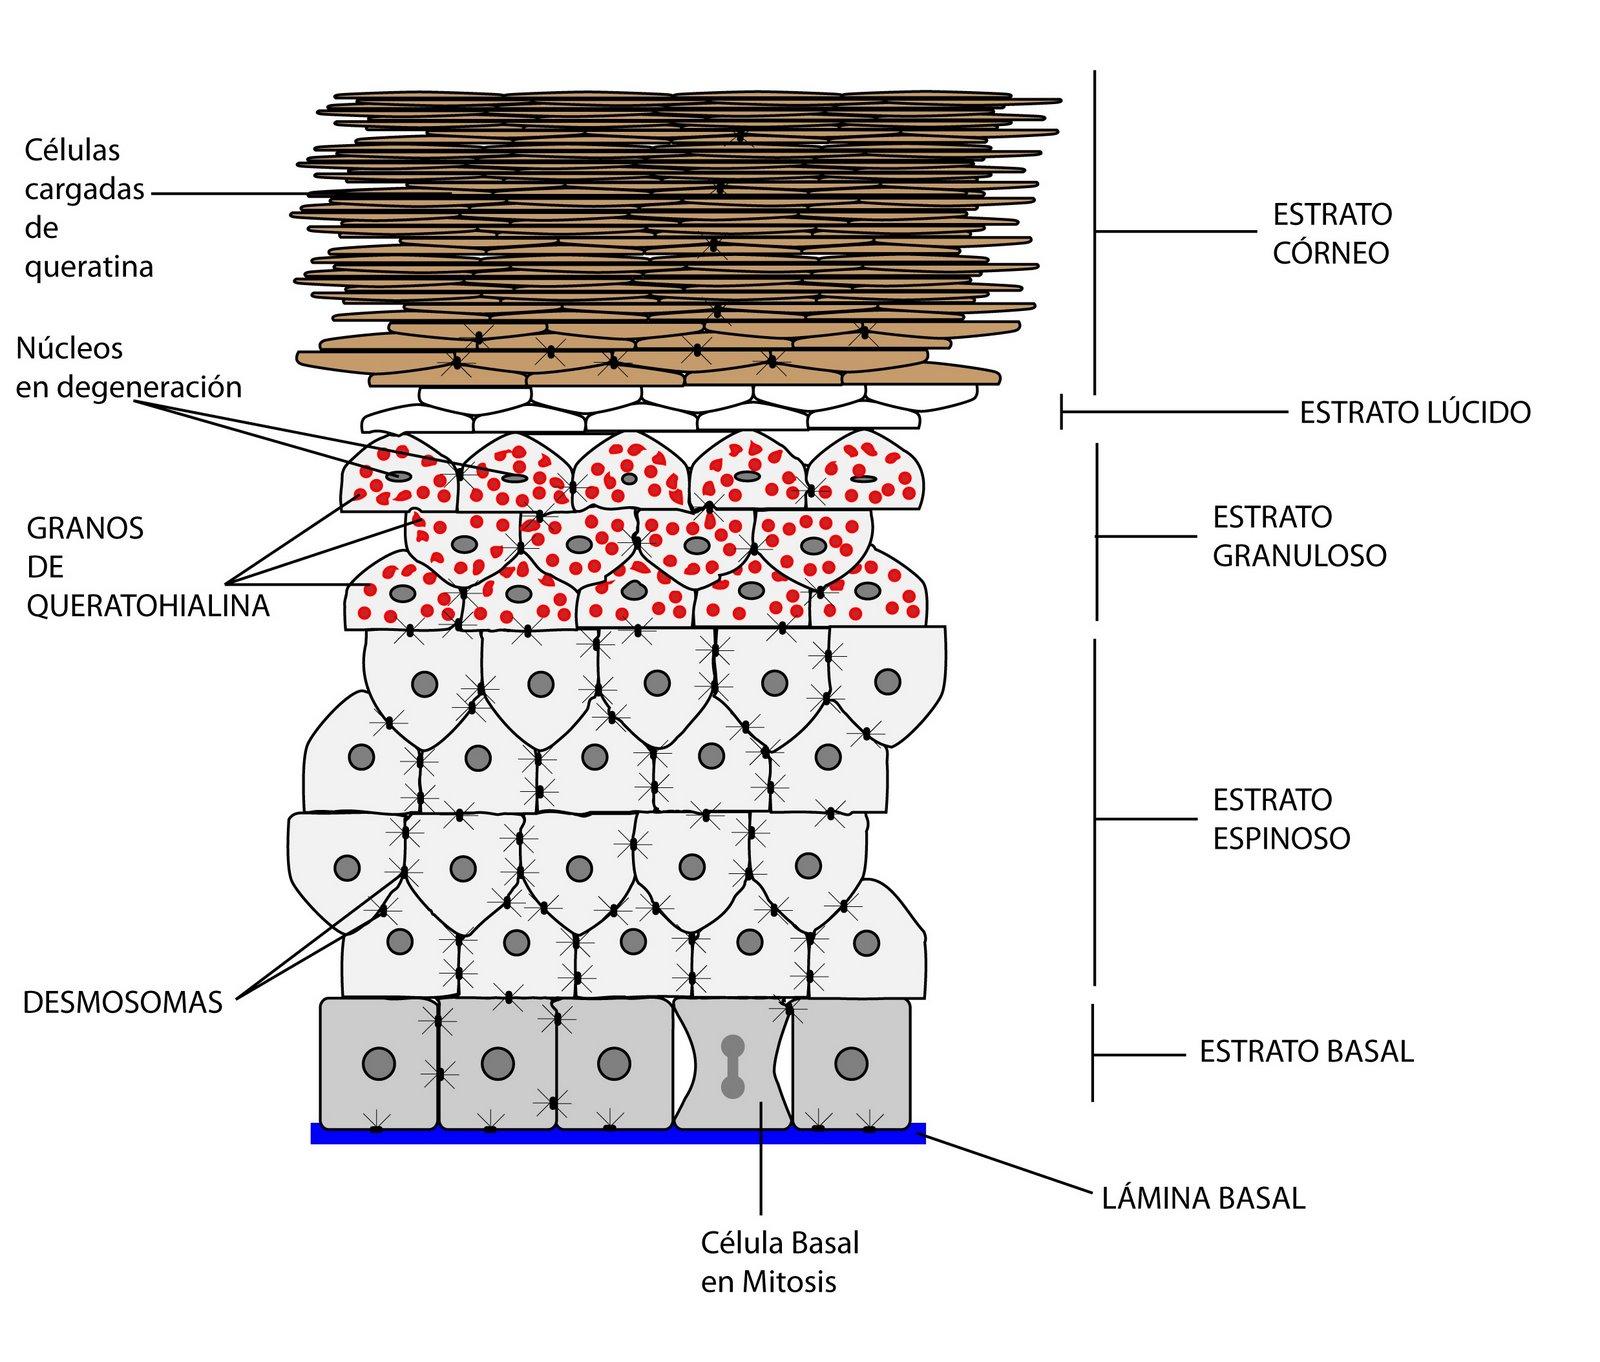 el moderno prometeo: El órgano cutáneo: anatomía de la epidermis